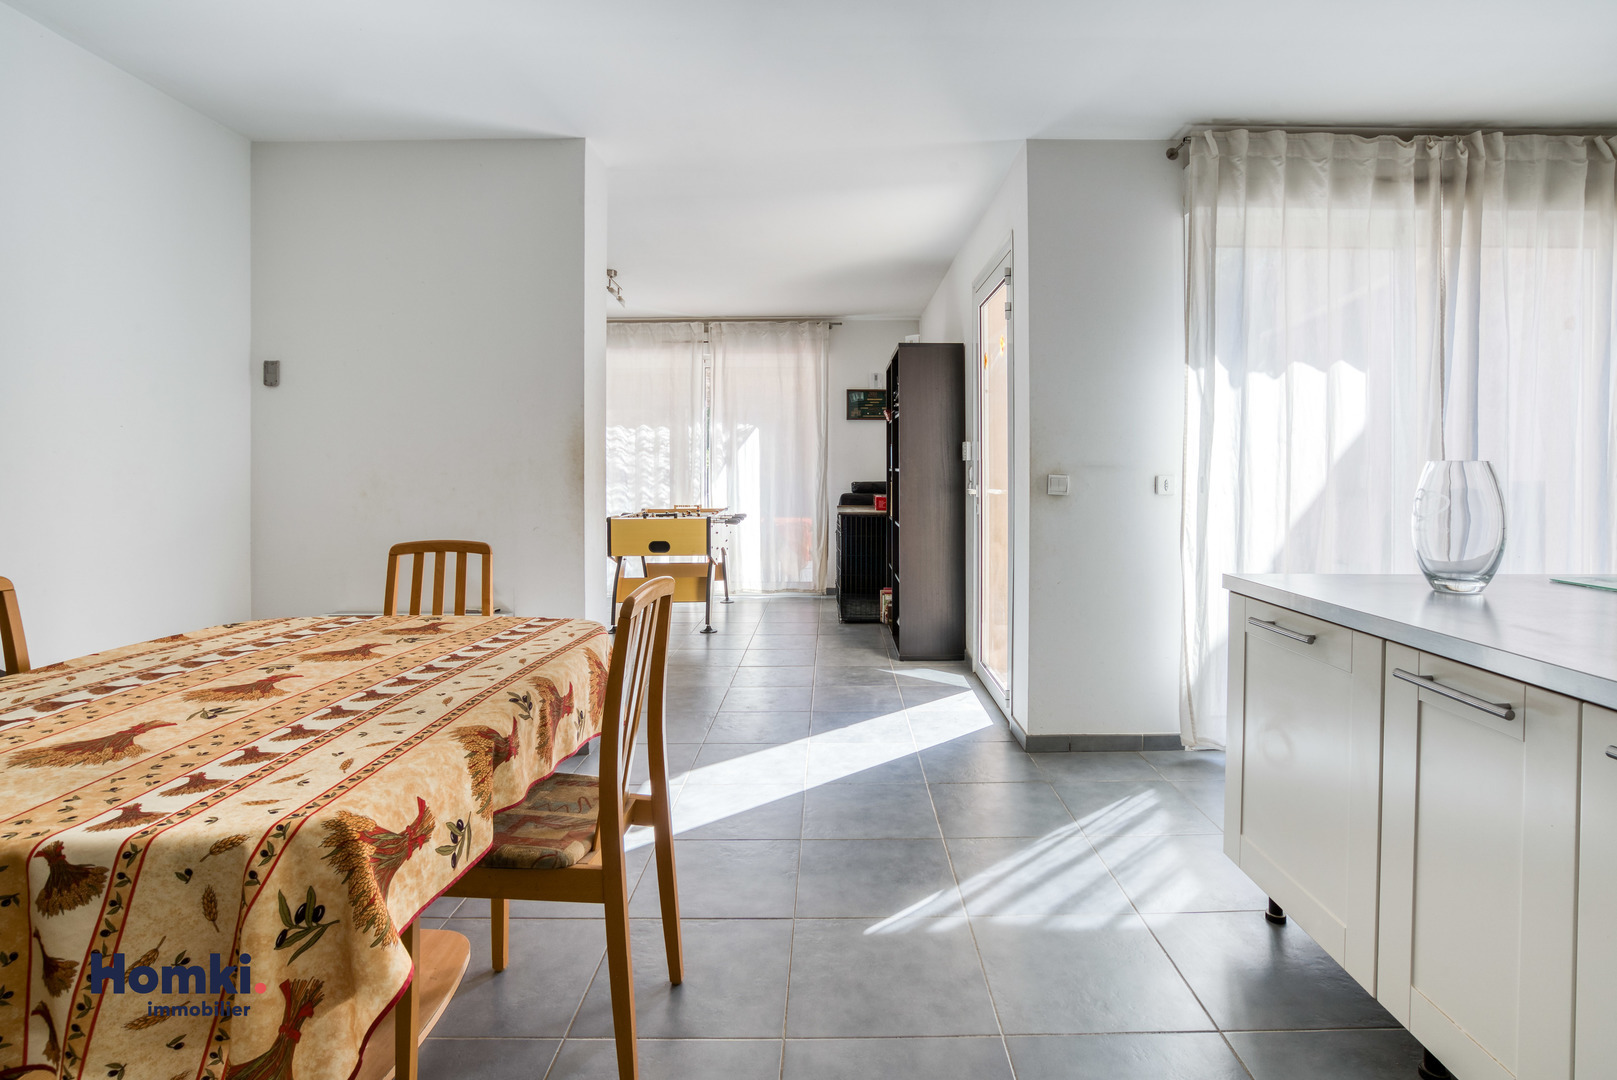 Vente maison 122m² T4 13009_4